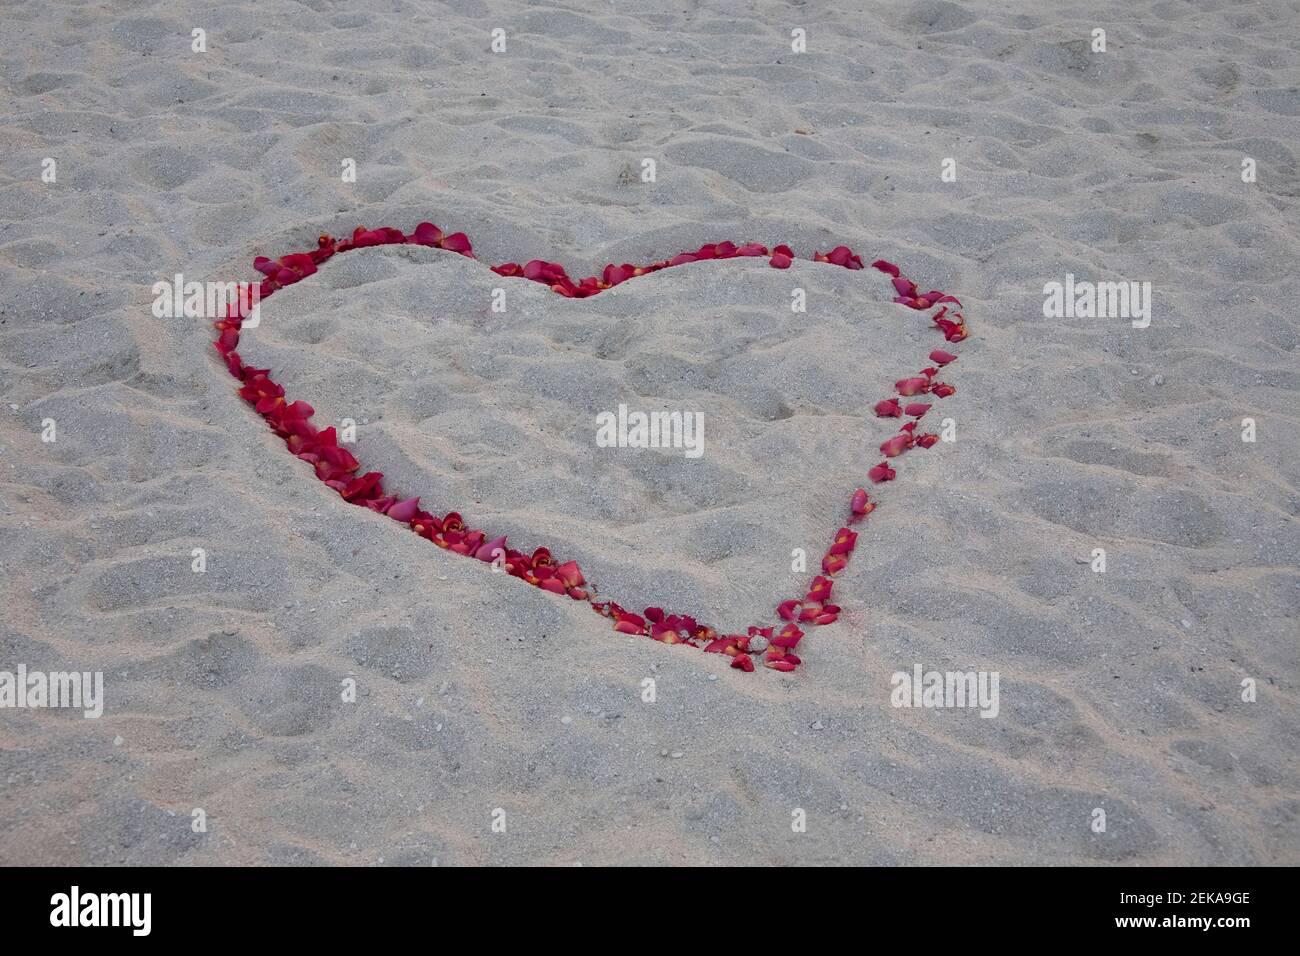 Forme de coeur faite de pétales de rose sur la plage, Miami Beach, Floride, États-Unis Banque D'Images